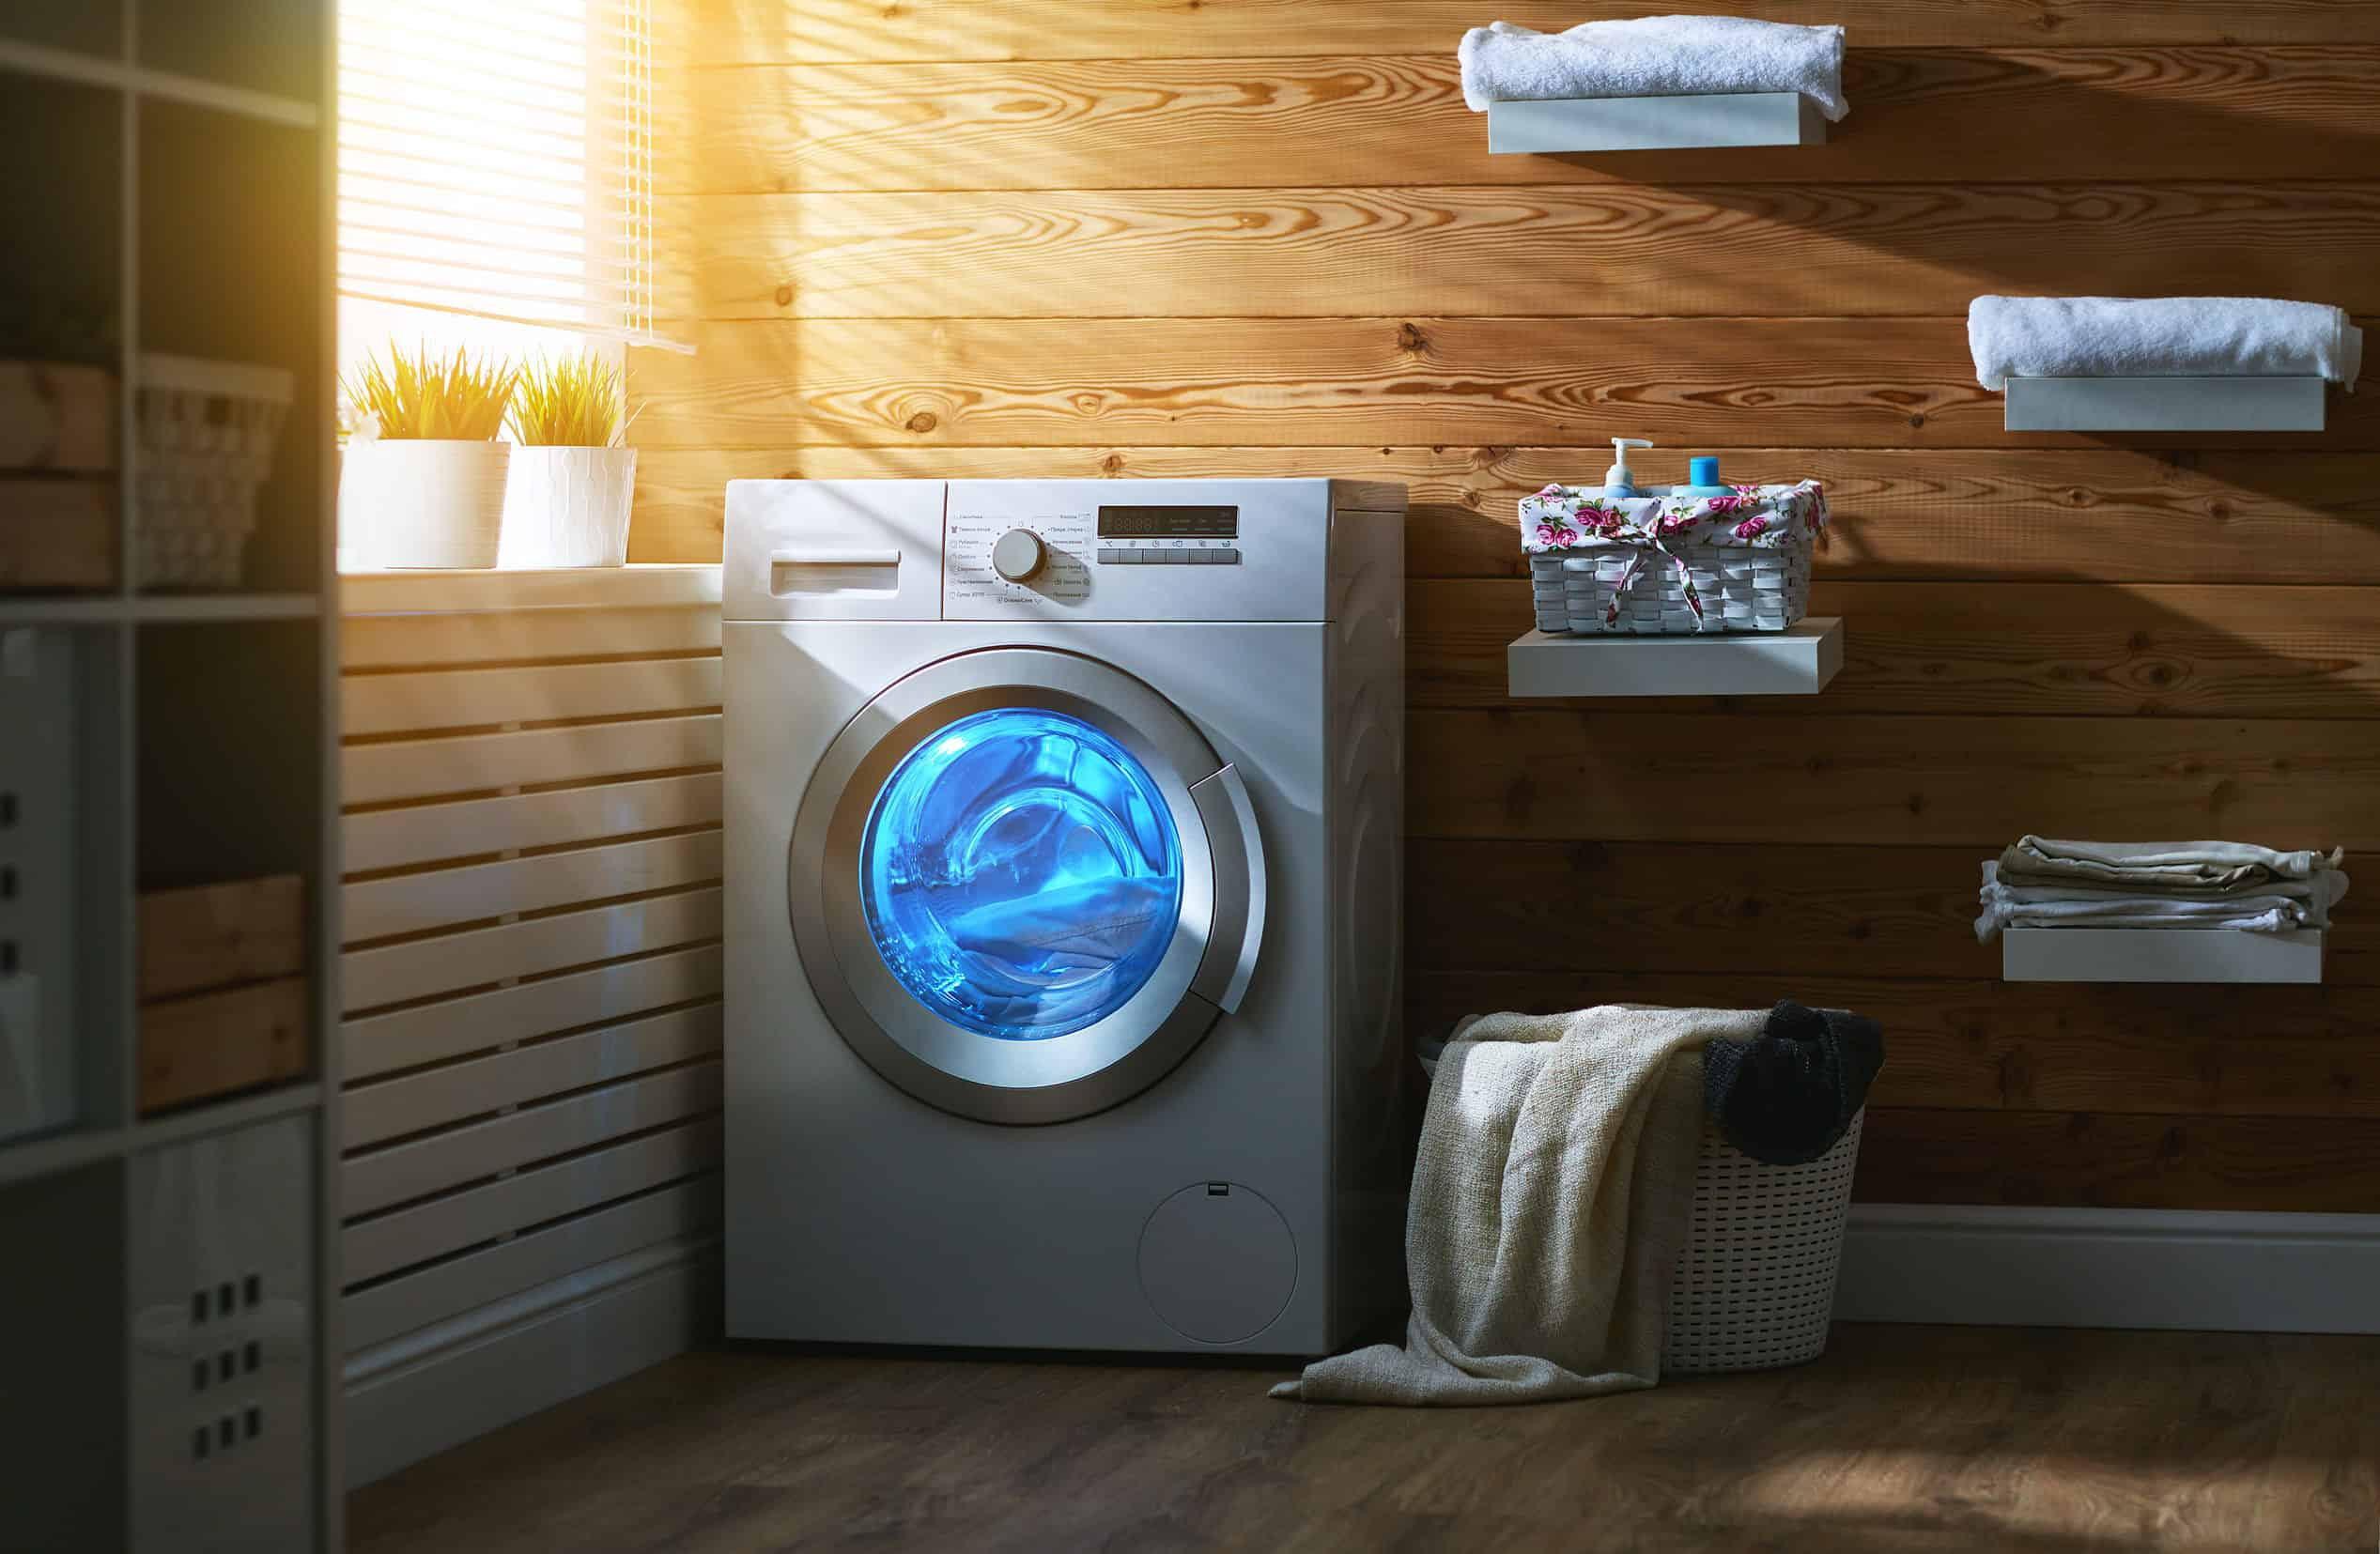 Secadoras de ropa: ¿Cuál es el mejor del 2020?